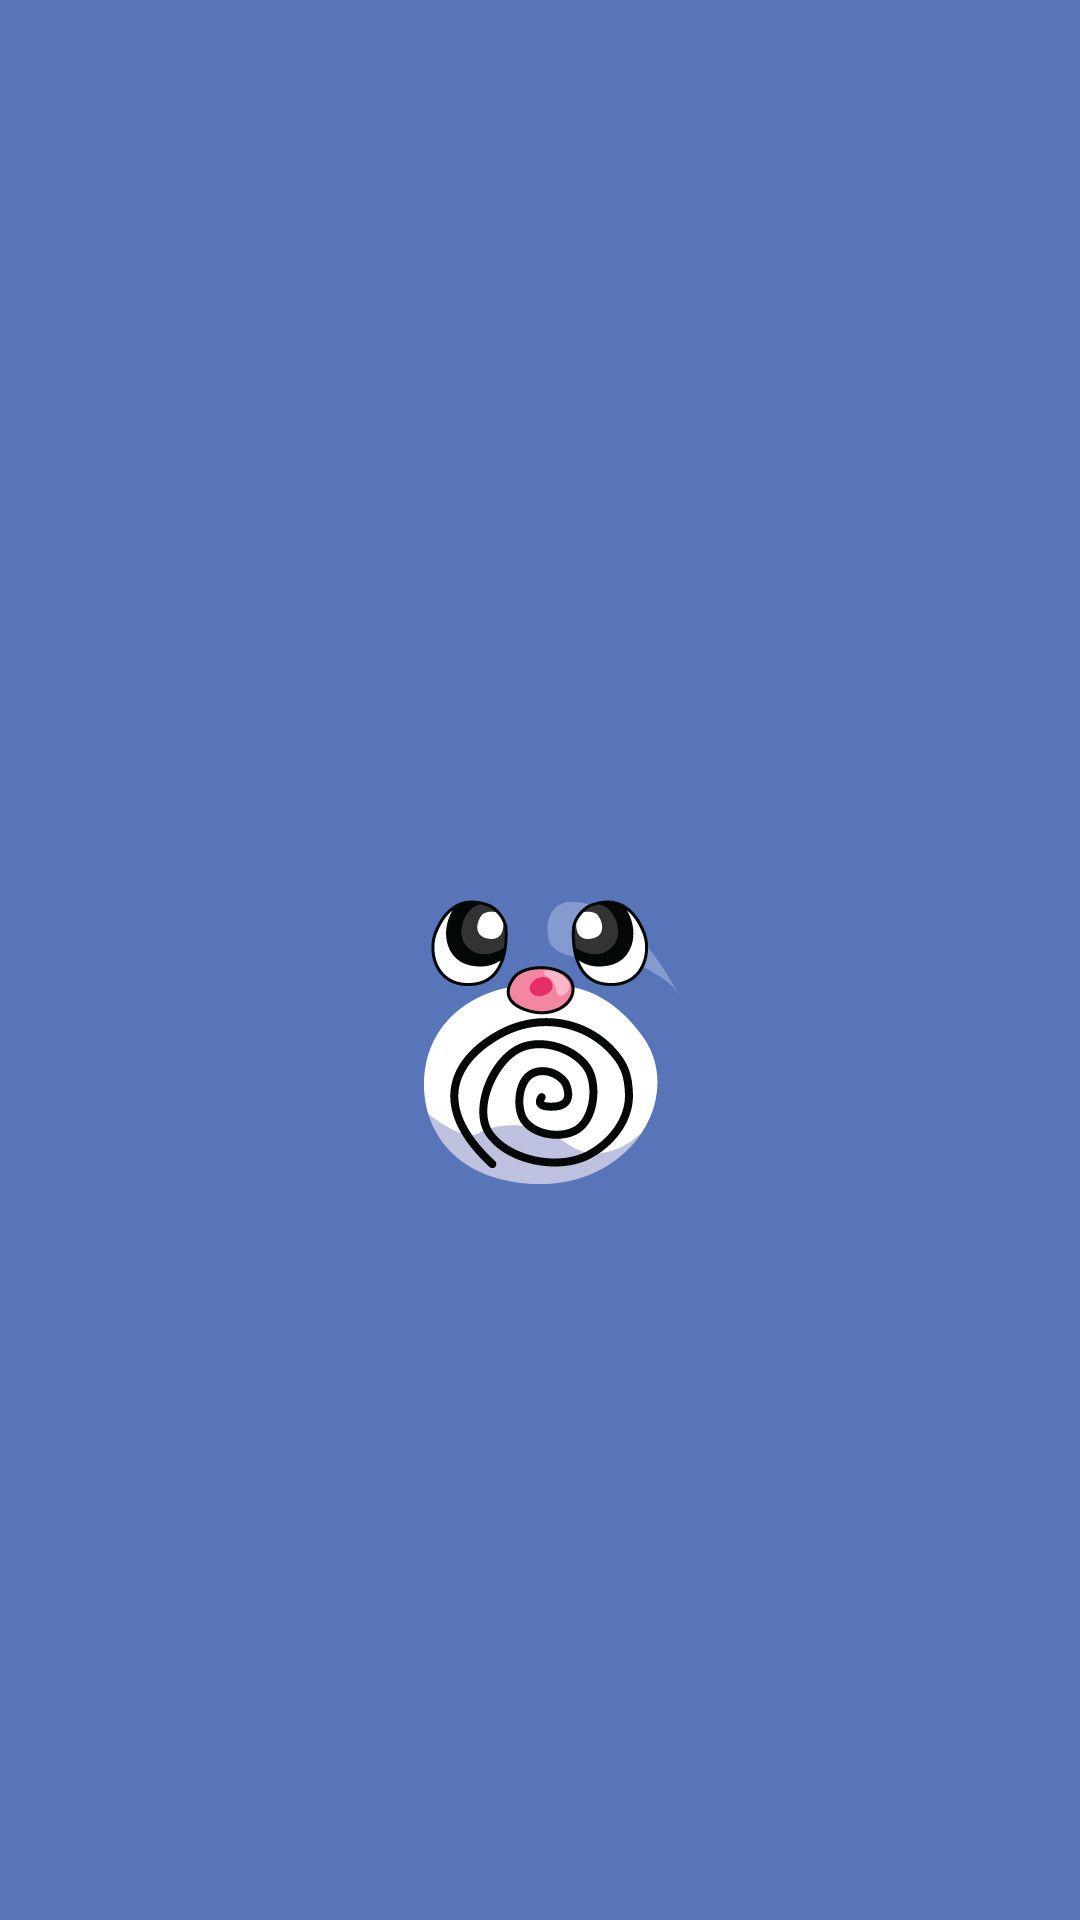 Pokemon Minimalist iOS 10 wallpaper